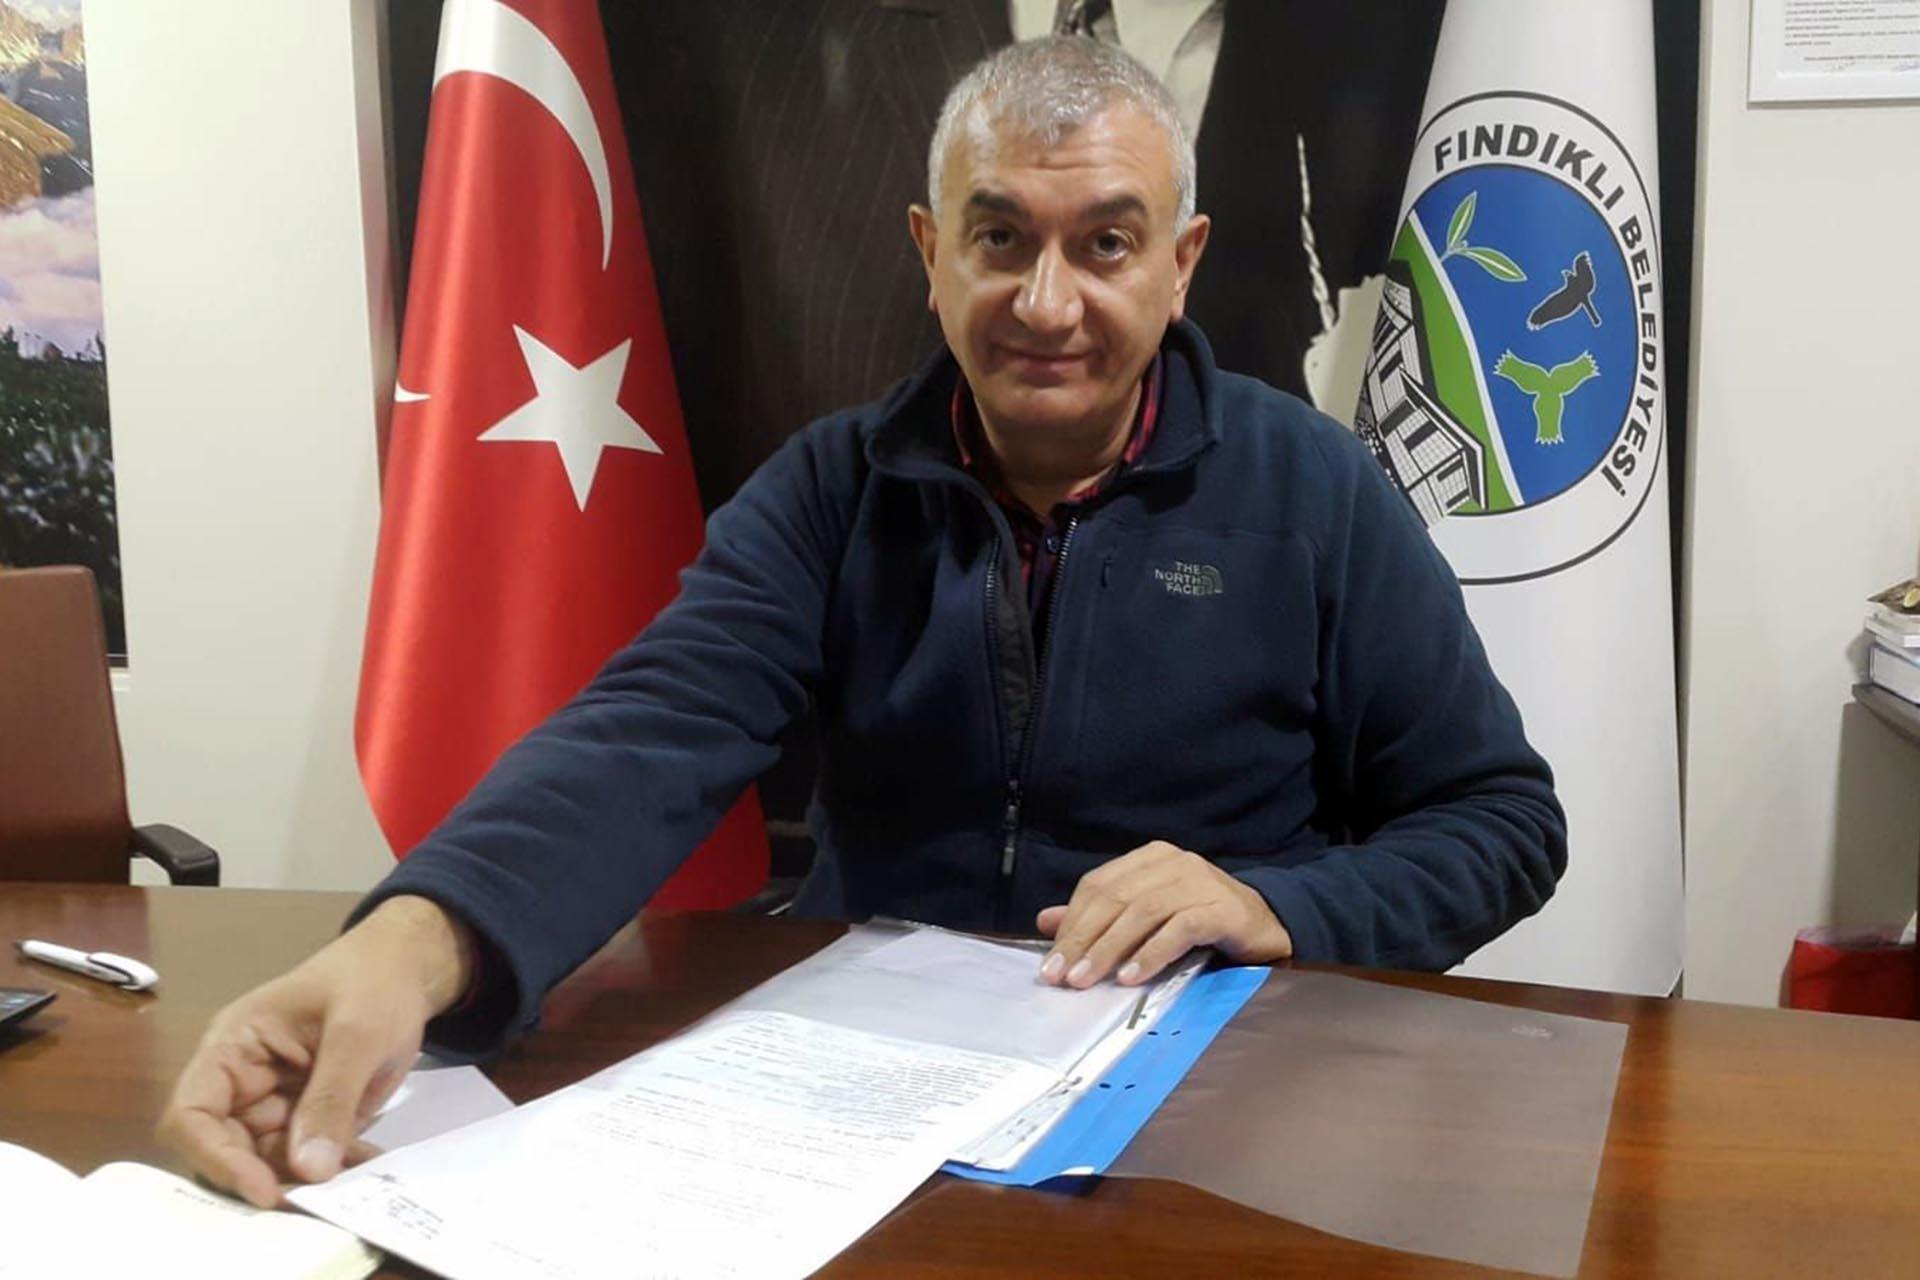 Fındıklı Belediye Başkanı Ercüment Çevratoğlu